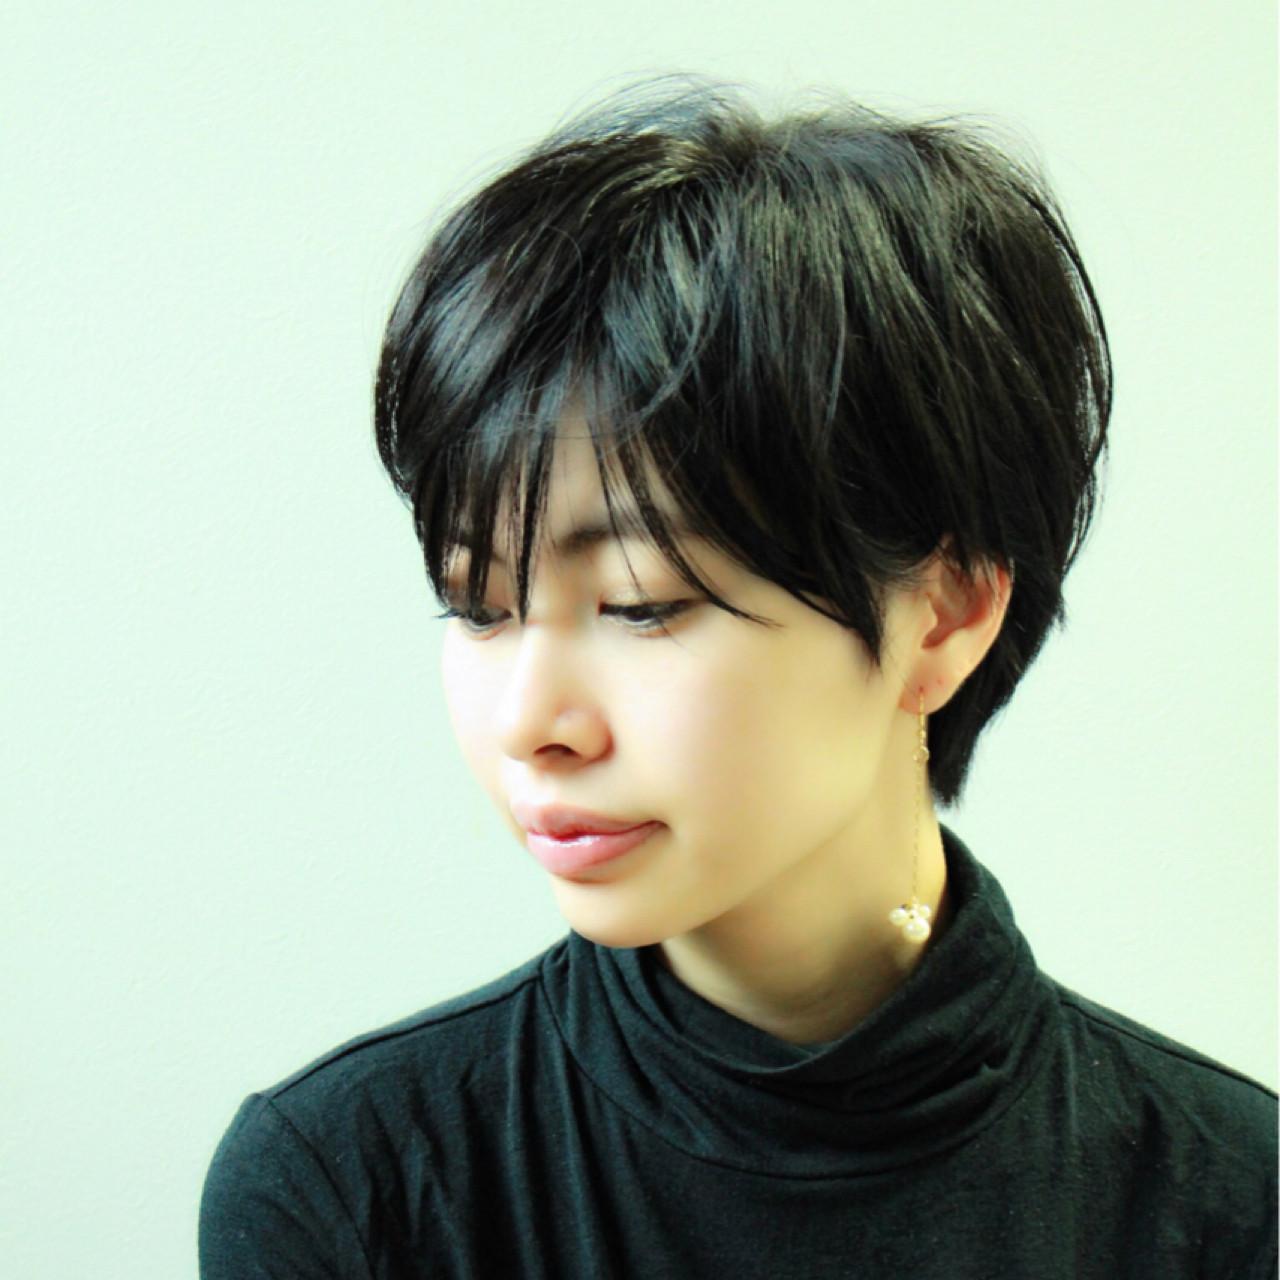 マニッシュな魅力のショート Mayumi Masumitsu | Arrange